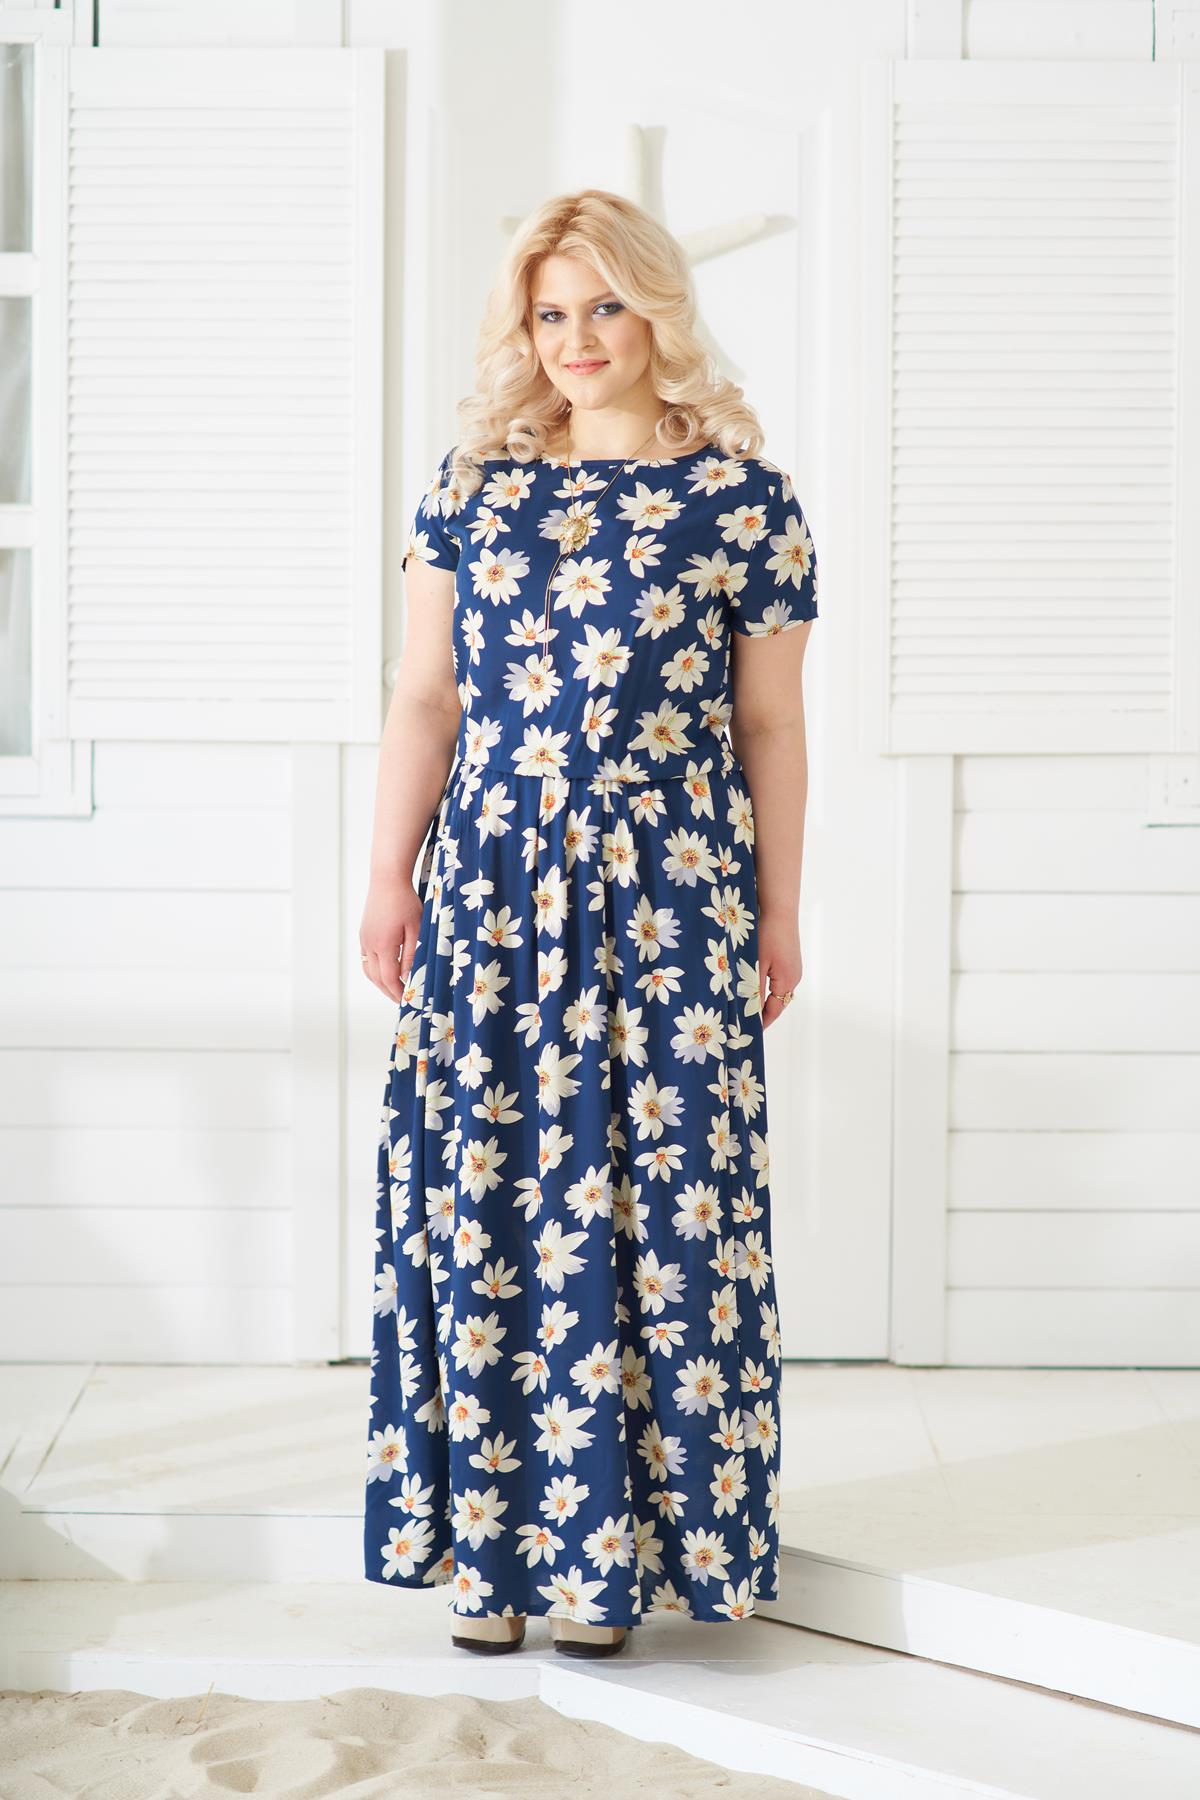 Жен. платье арт. 19-0140 Ромашки р. 48Платья<br>Факт. обхваты: Будут добавлены в ближайшее время<br><br>Тип: Жен. платье<br>Размер: 48<br>Материал: Штапель